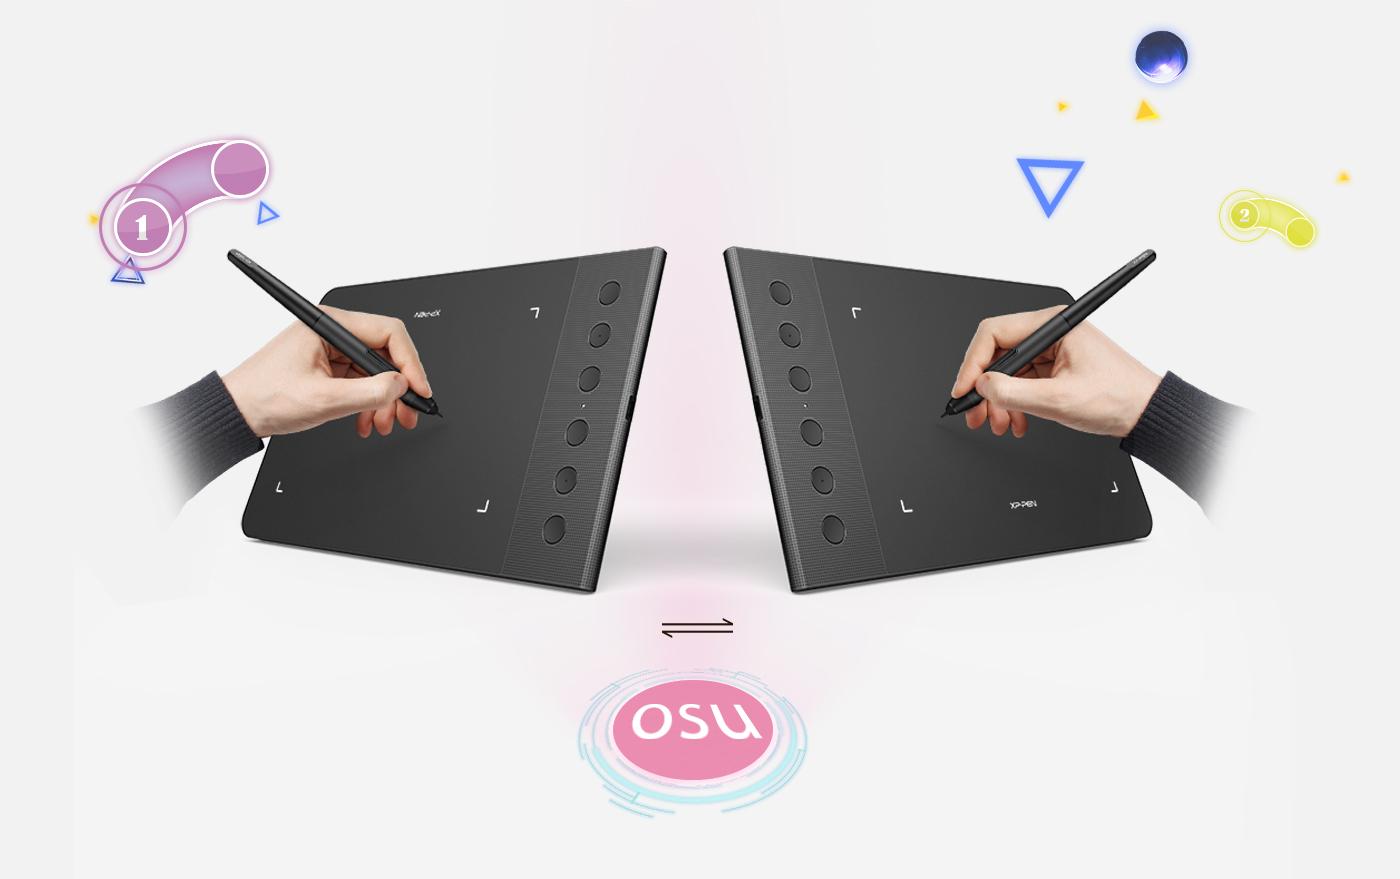 XP-Pen Star G640S Tableta gráfica Perfecto para usuarios diestros y zurdos